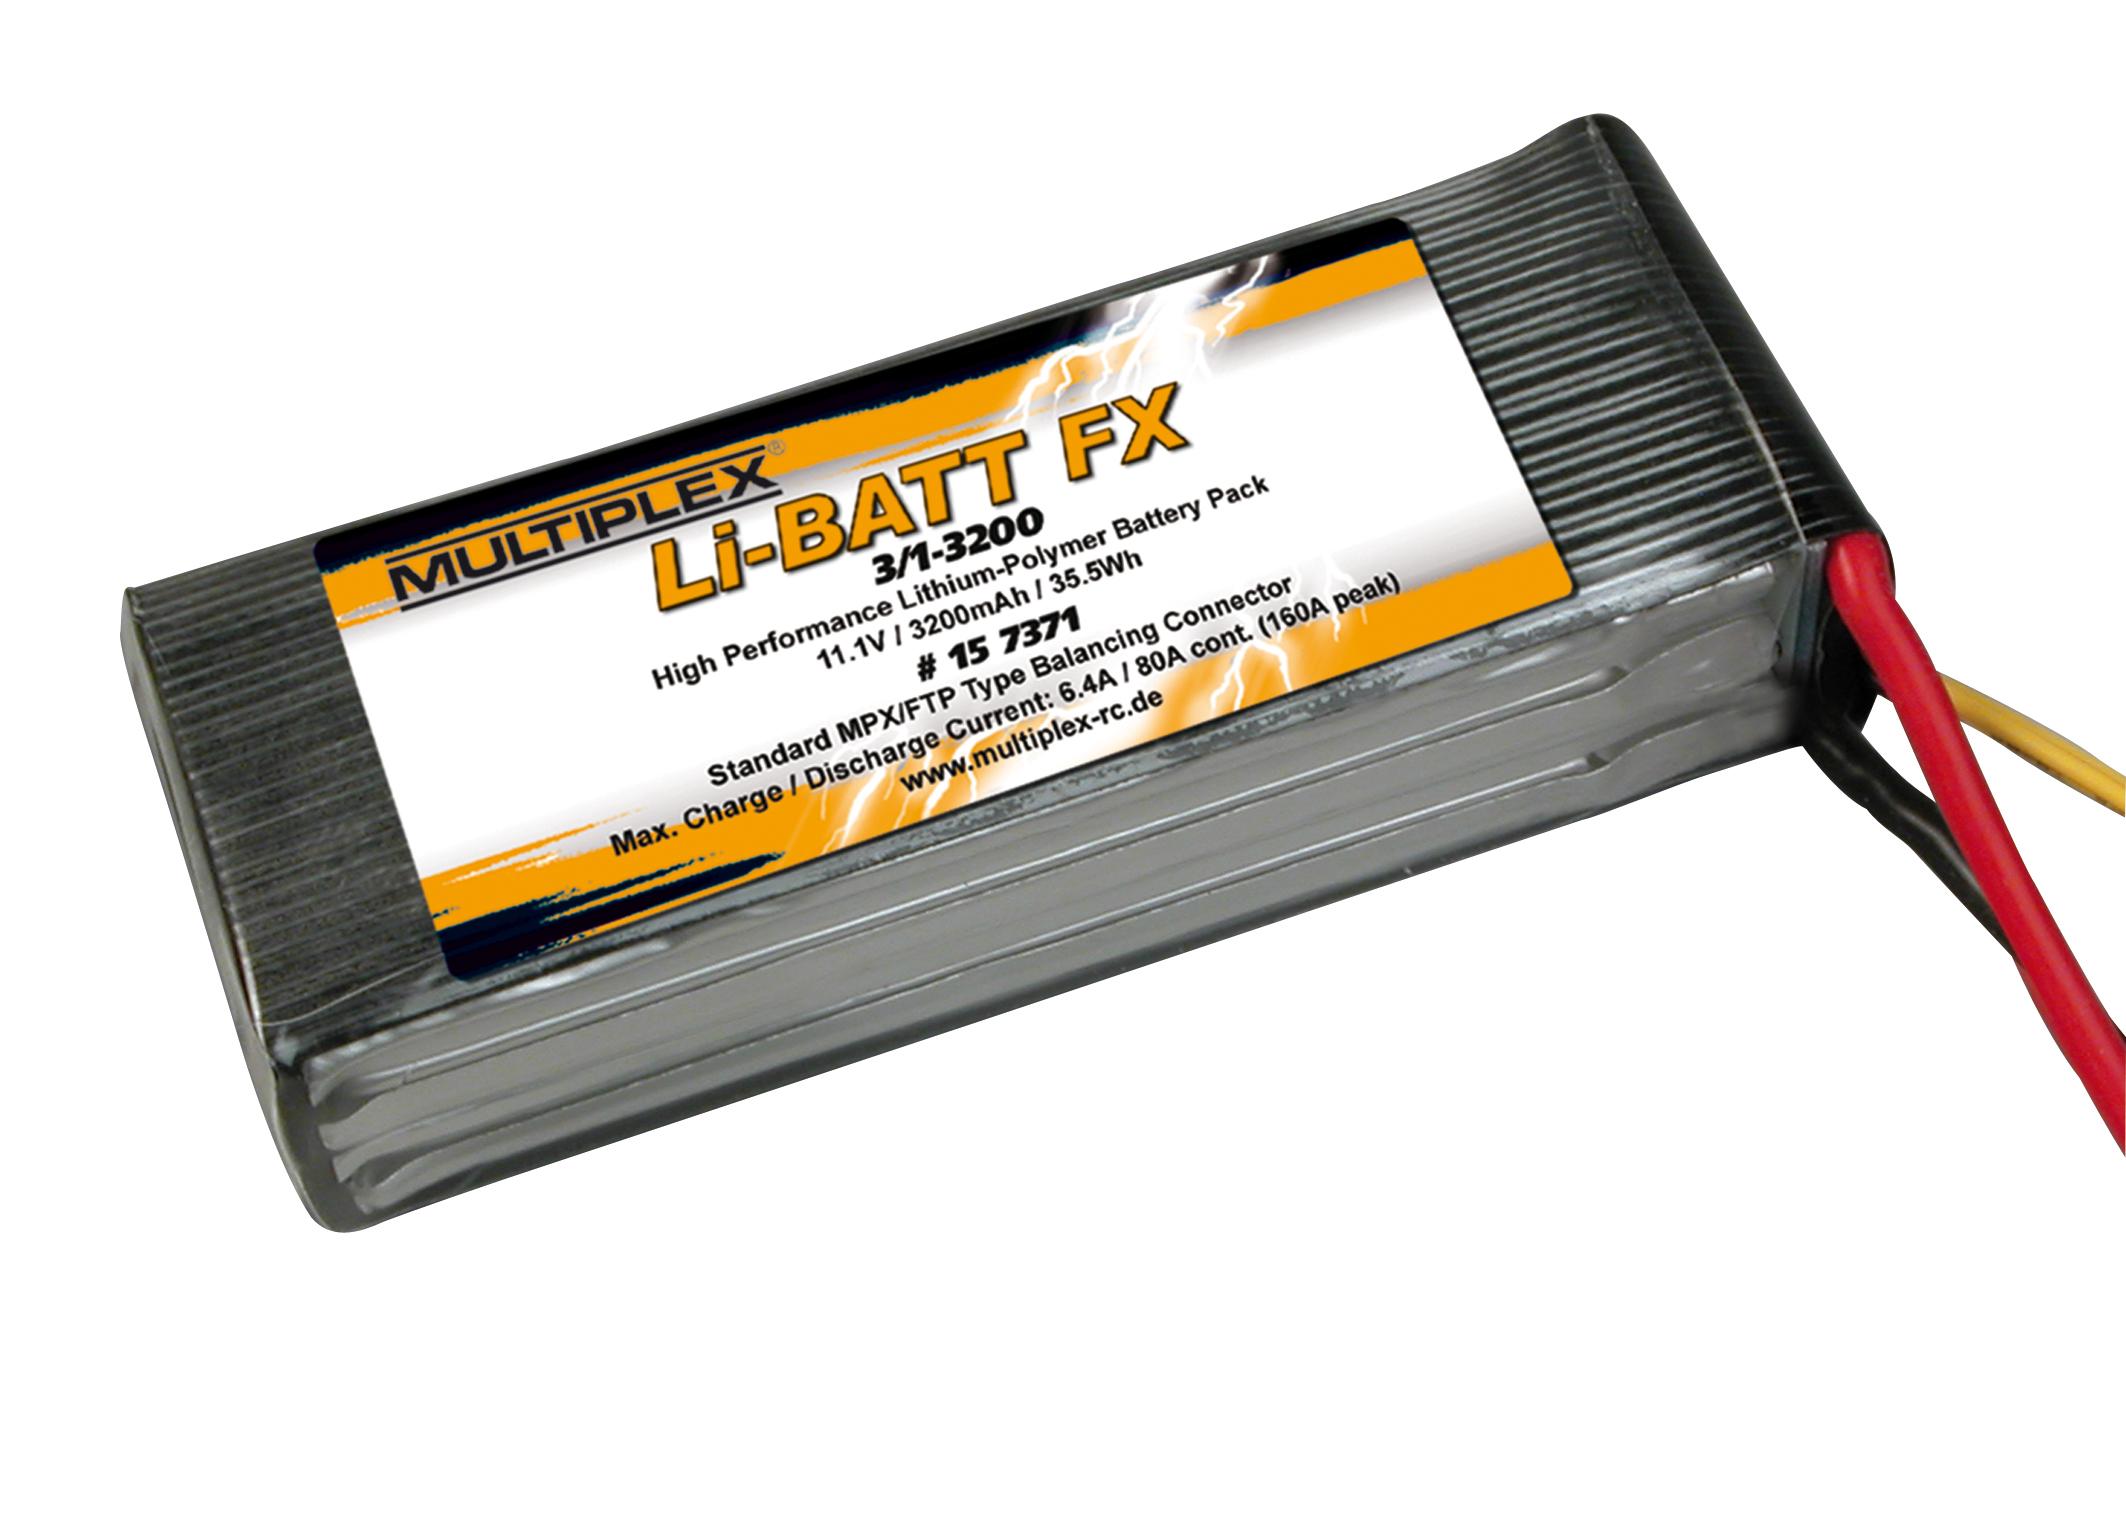 Akku Li-Batt FX 3/1-3200 (M6)